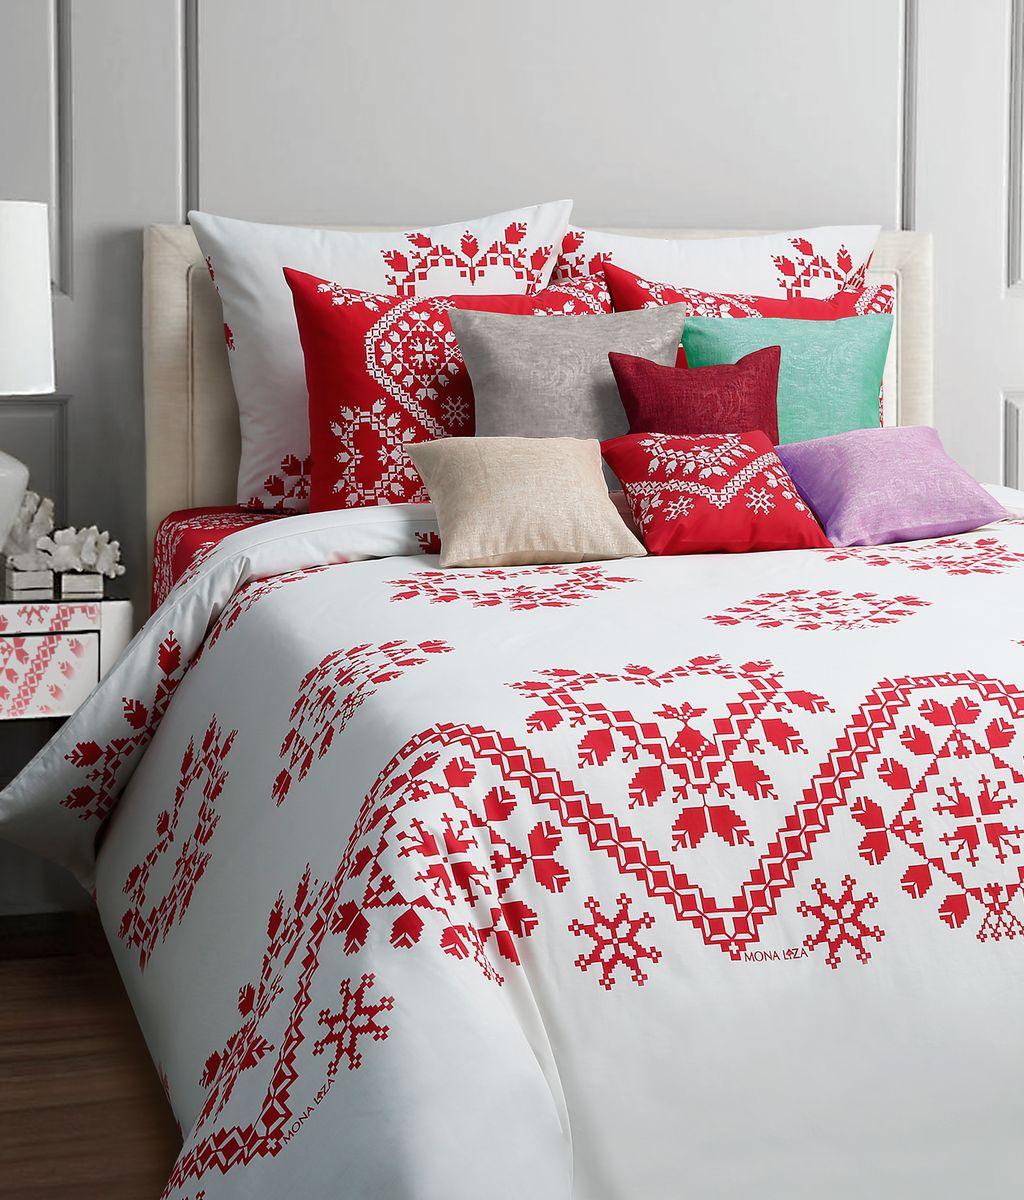 Комплект белья Mona Liza Folk, 2-спальное, наволочки 70x70, цвет: красный552203/05Коллекция постельного белья MONA LIZA Classic поражает многообразием дизайнов. Среди них легко подобрать необходимый рисунок, который создаст в доме уют. Комплекты выполнены из бязи 100 % хлопка.